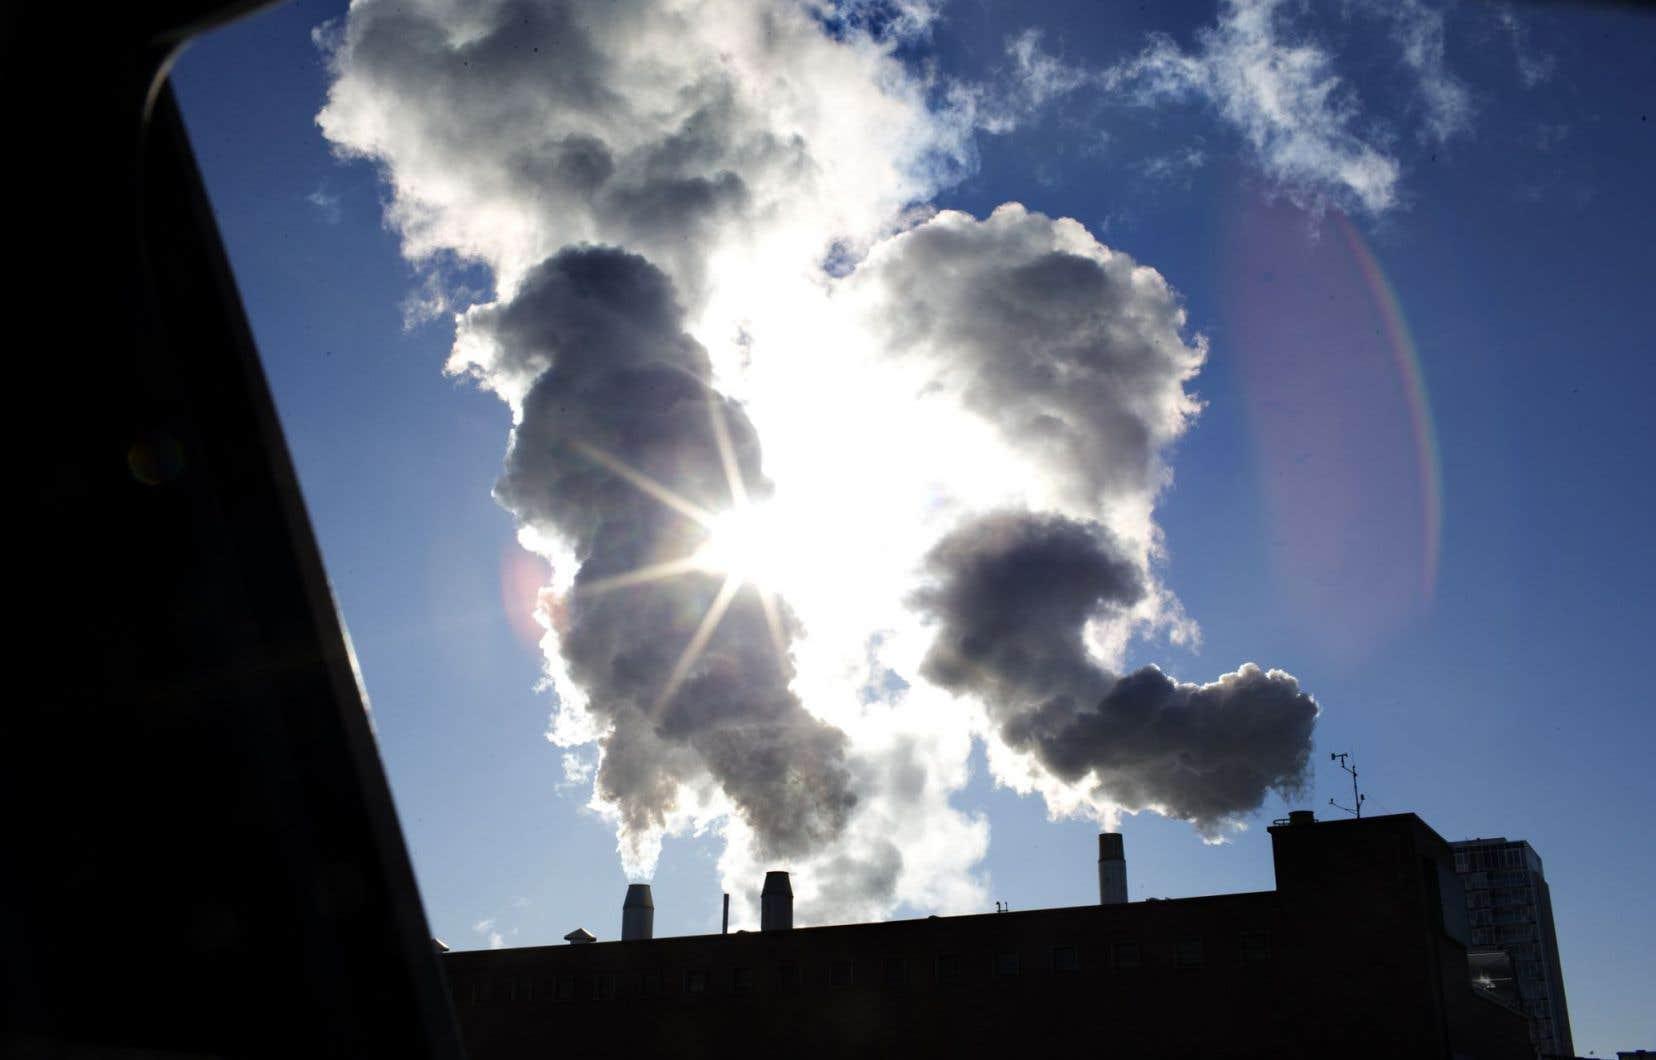 Les données de la NOAA montrent que le taux moyen d'augmentation des concentrations de CO2 dans l'atmosphère a été de 2,25 ppm par an de 2012 à 2014.